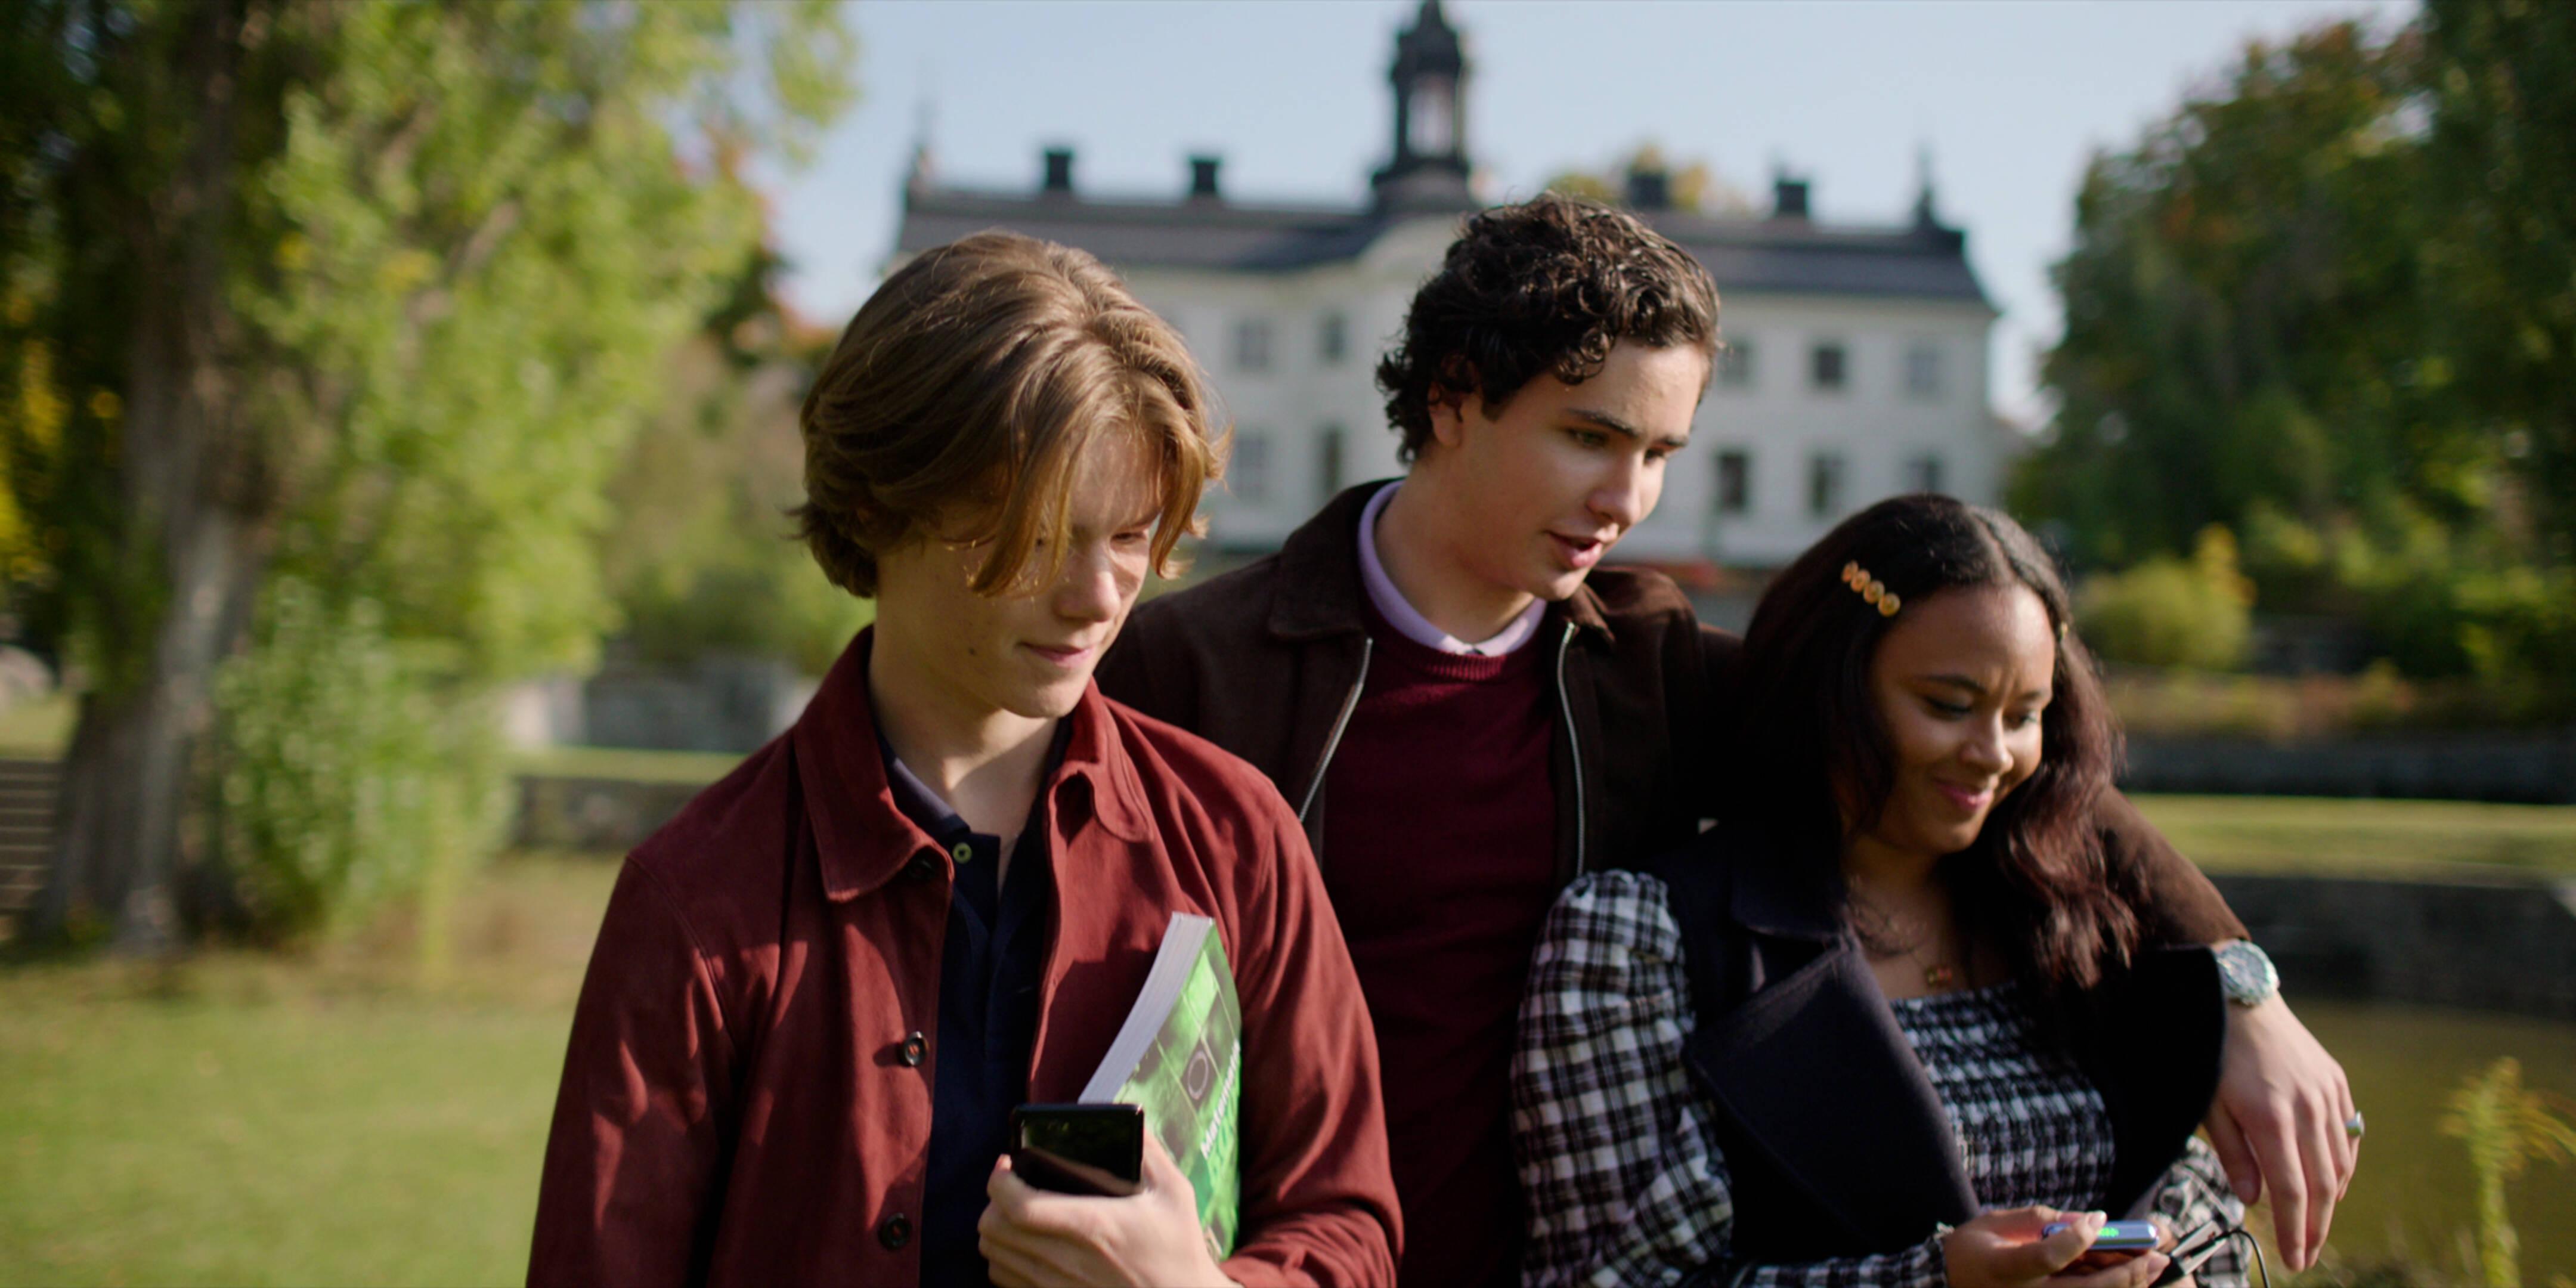 """Série sueca """"Young Royals"""" estreia e mostra os dilemas de um príncipe em um colégio interno. Foto: Divulgação Netflix"""